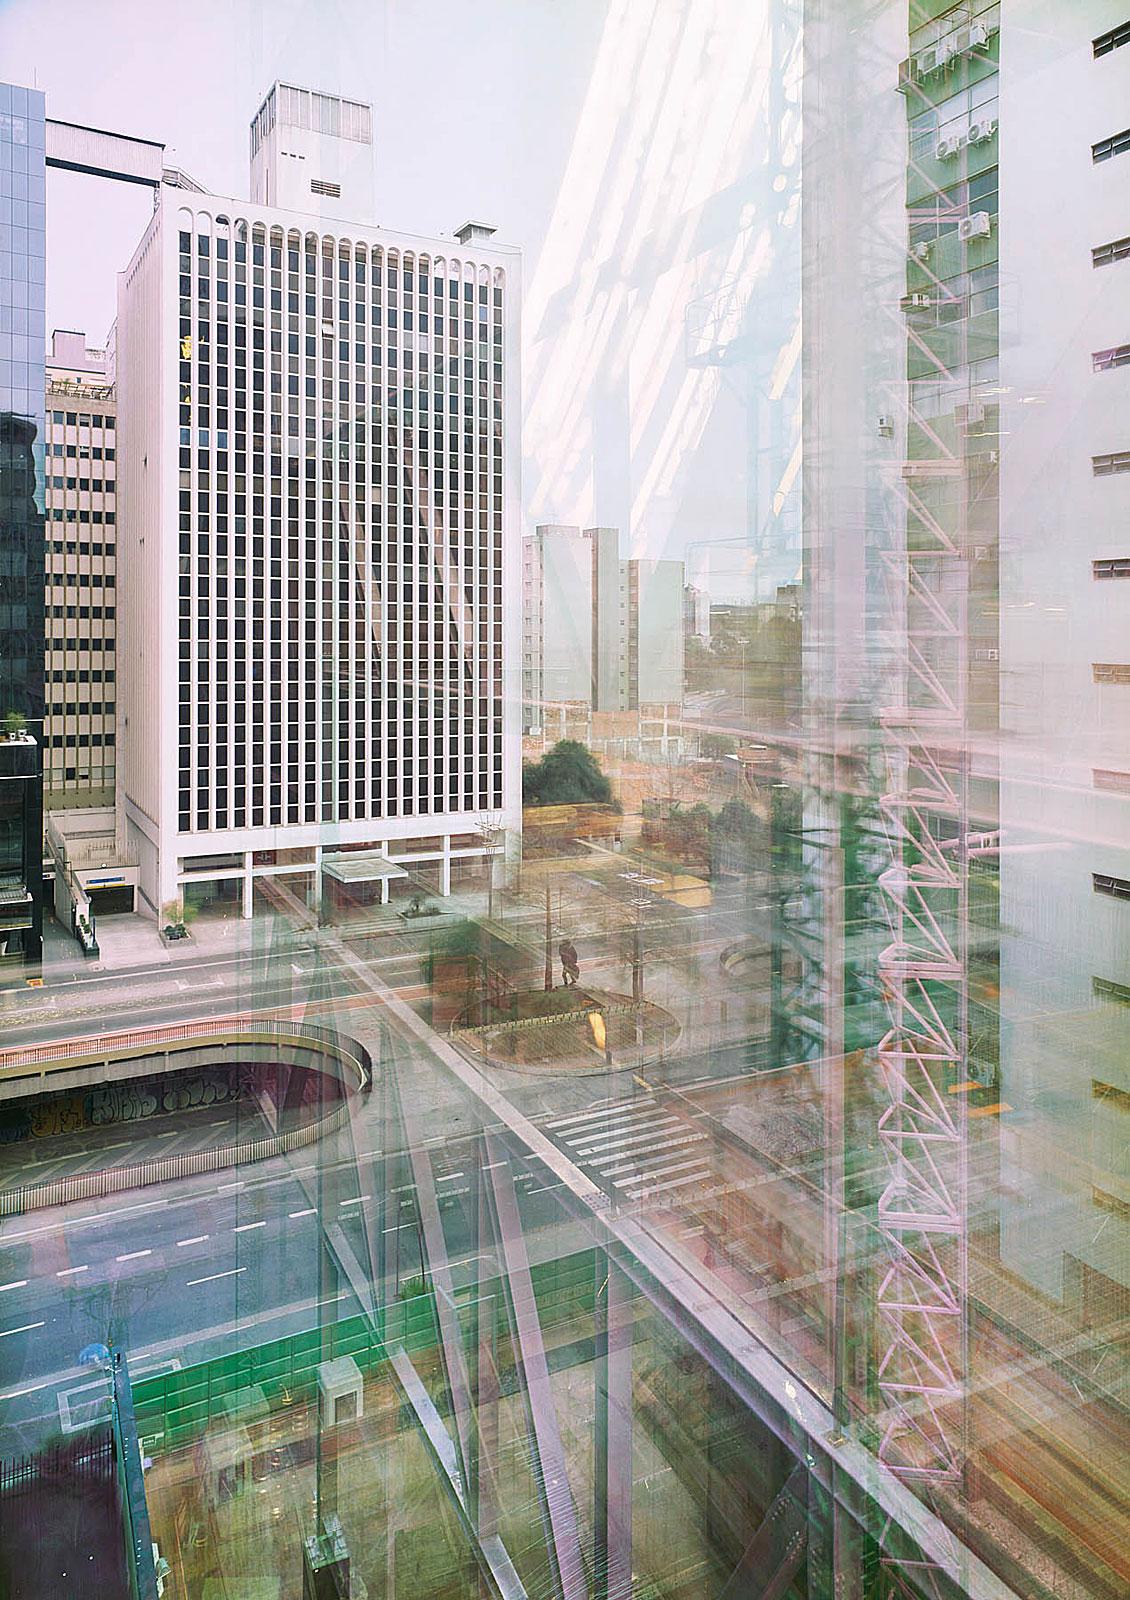 IMS, São Paulo (15.04.2015 - 22.5.2017)